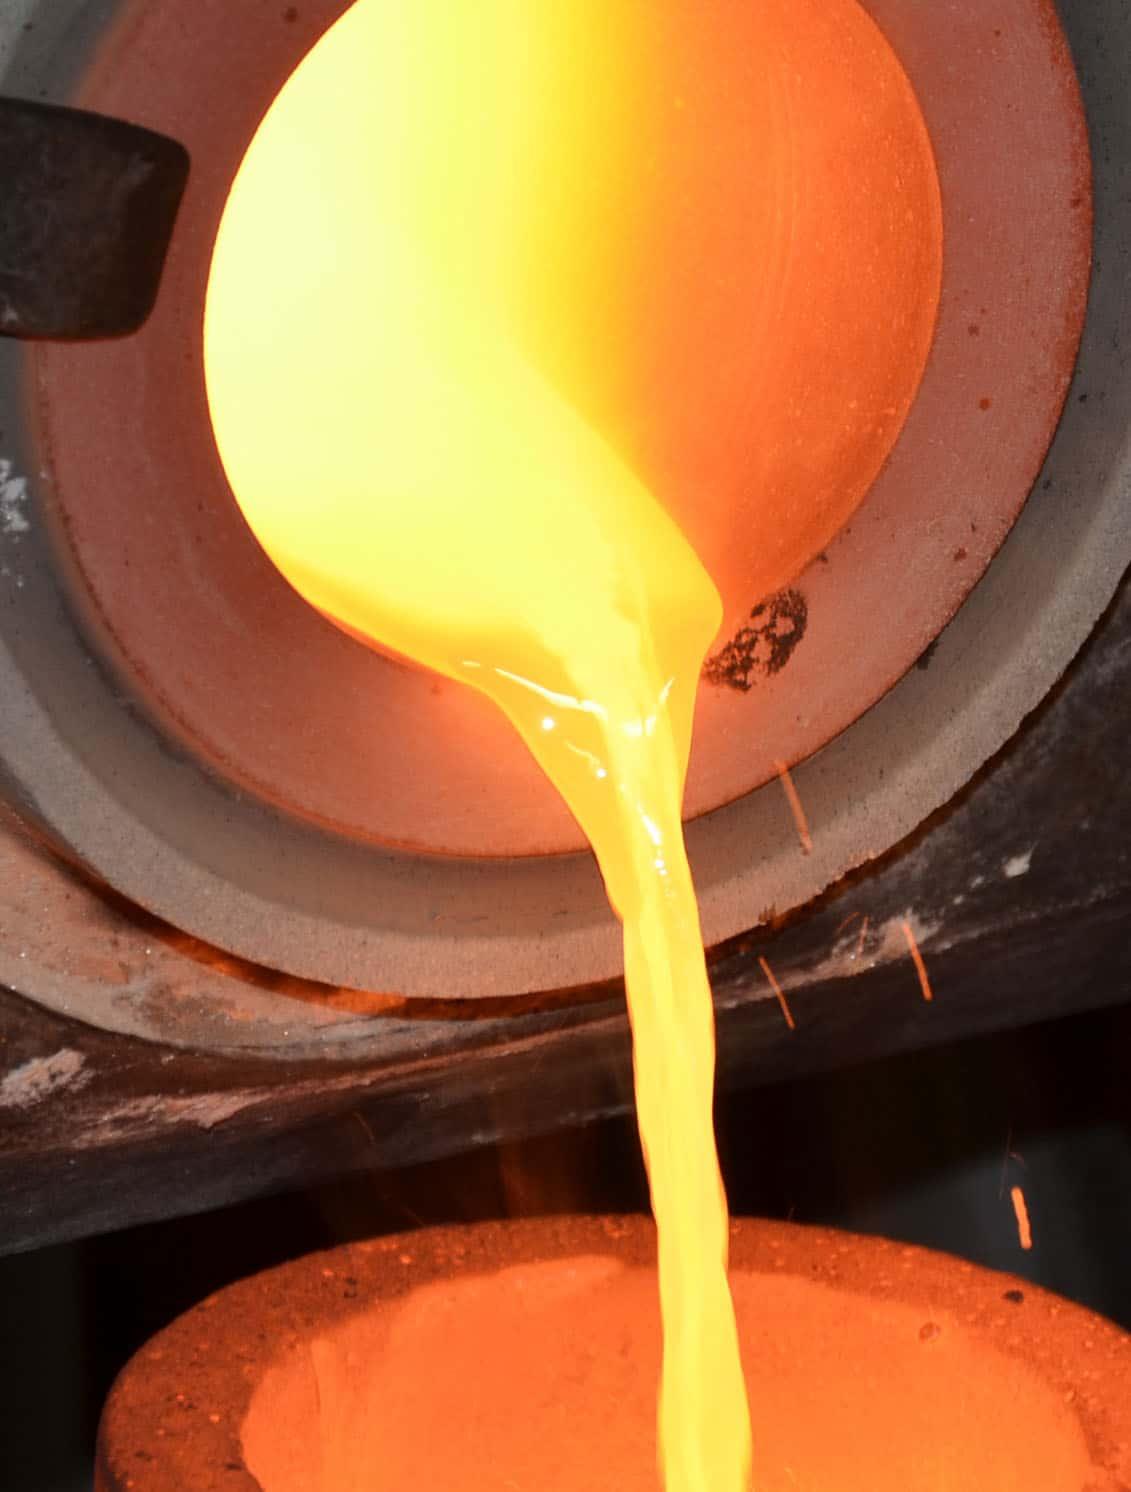 Flüssiges Gold wird nach dem Schmelzprozess in Formen gegossen